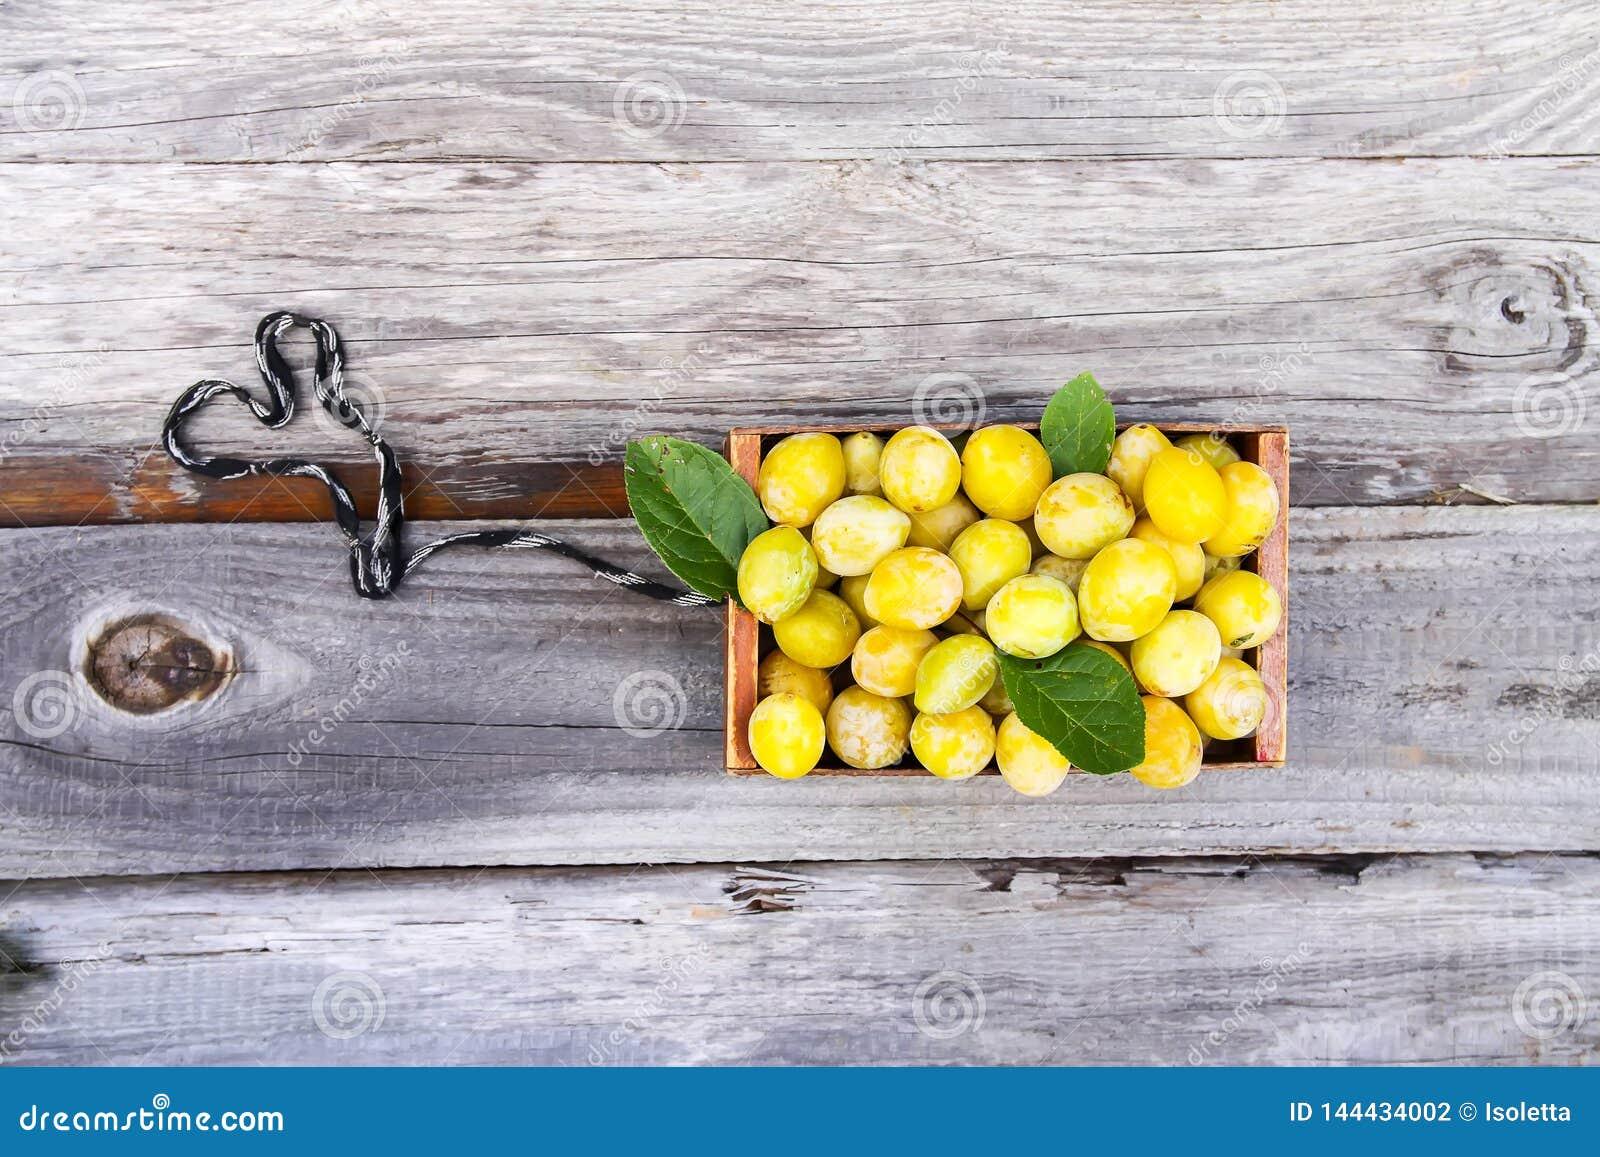 Свежие желтые сливы Зрелые плоды в деревянной коробке на зеленой траве лета